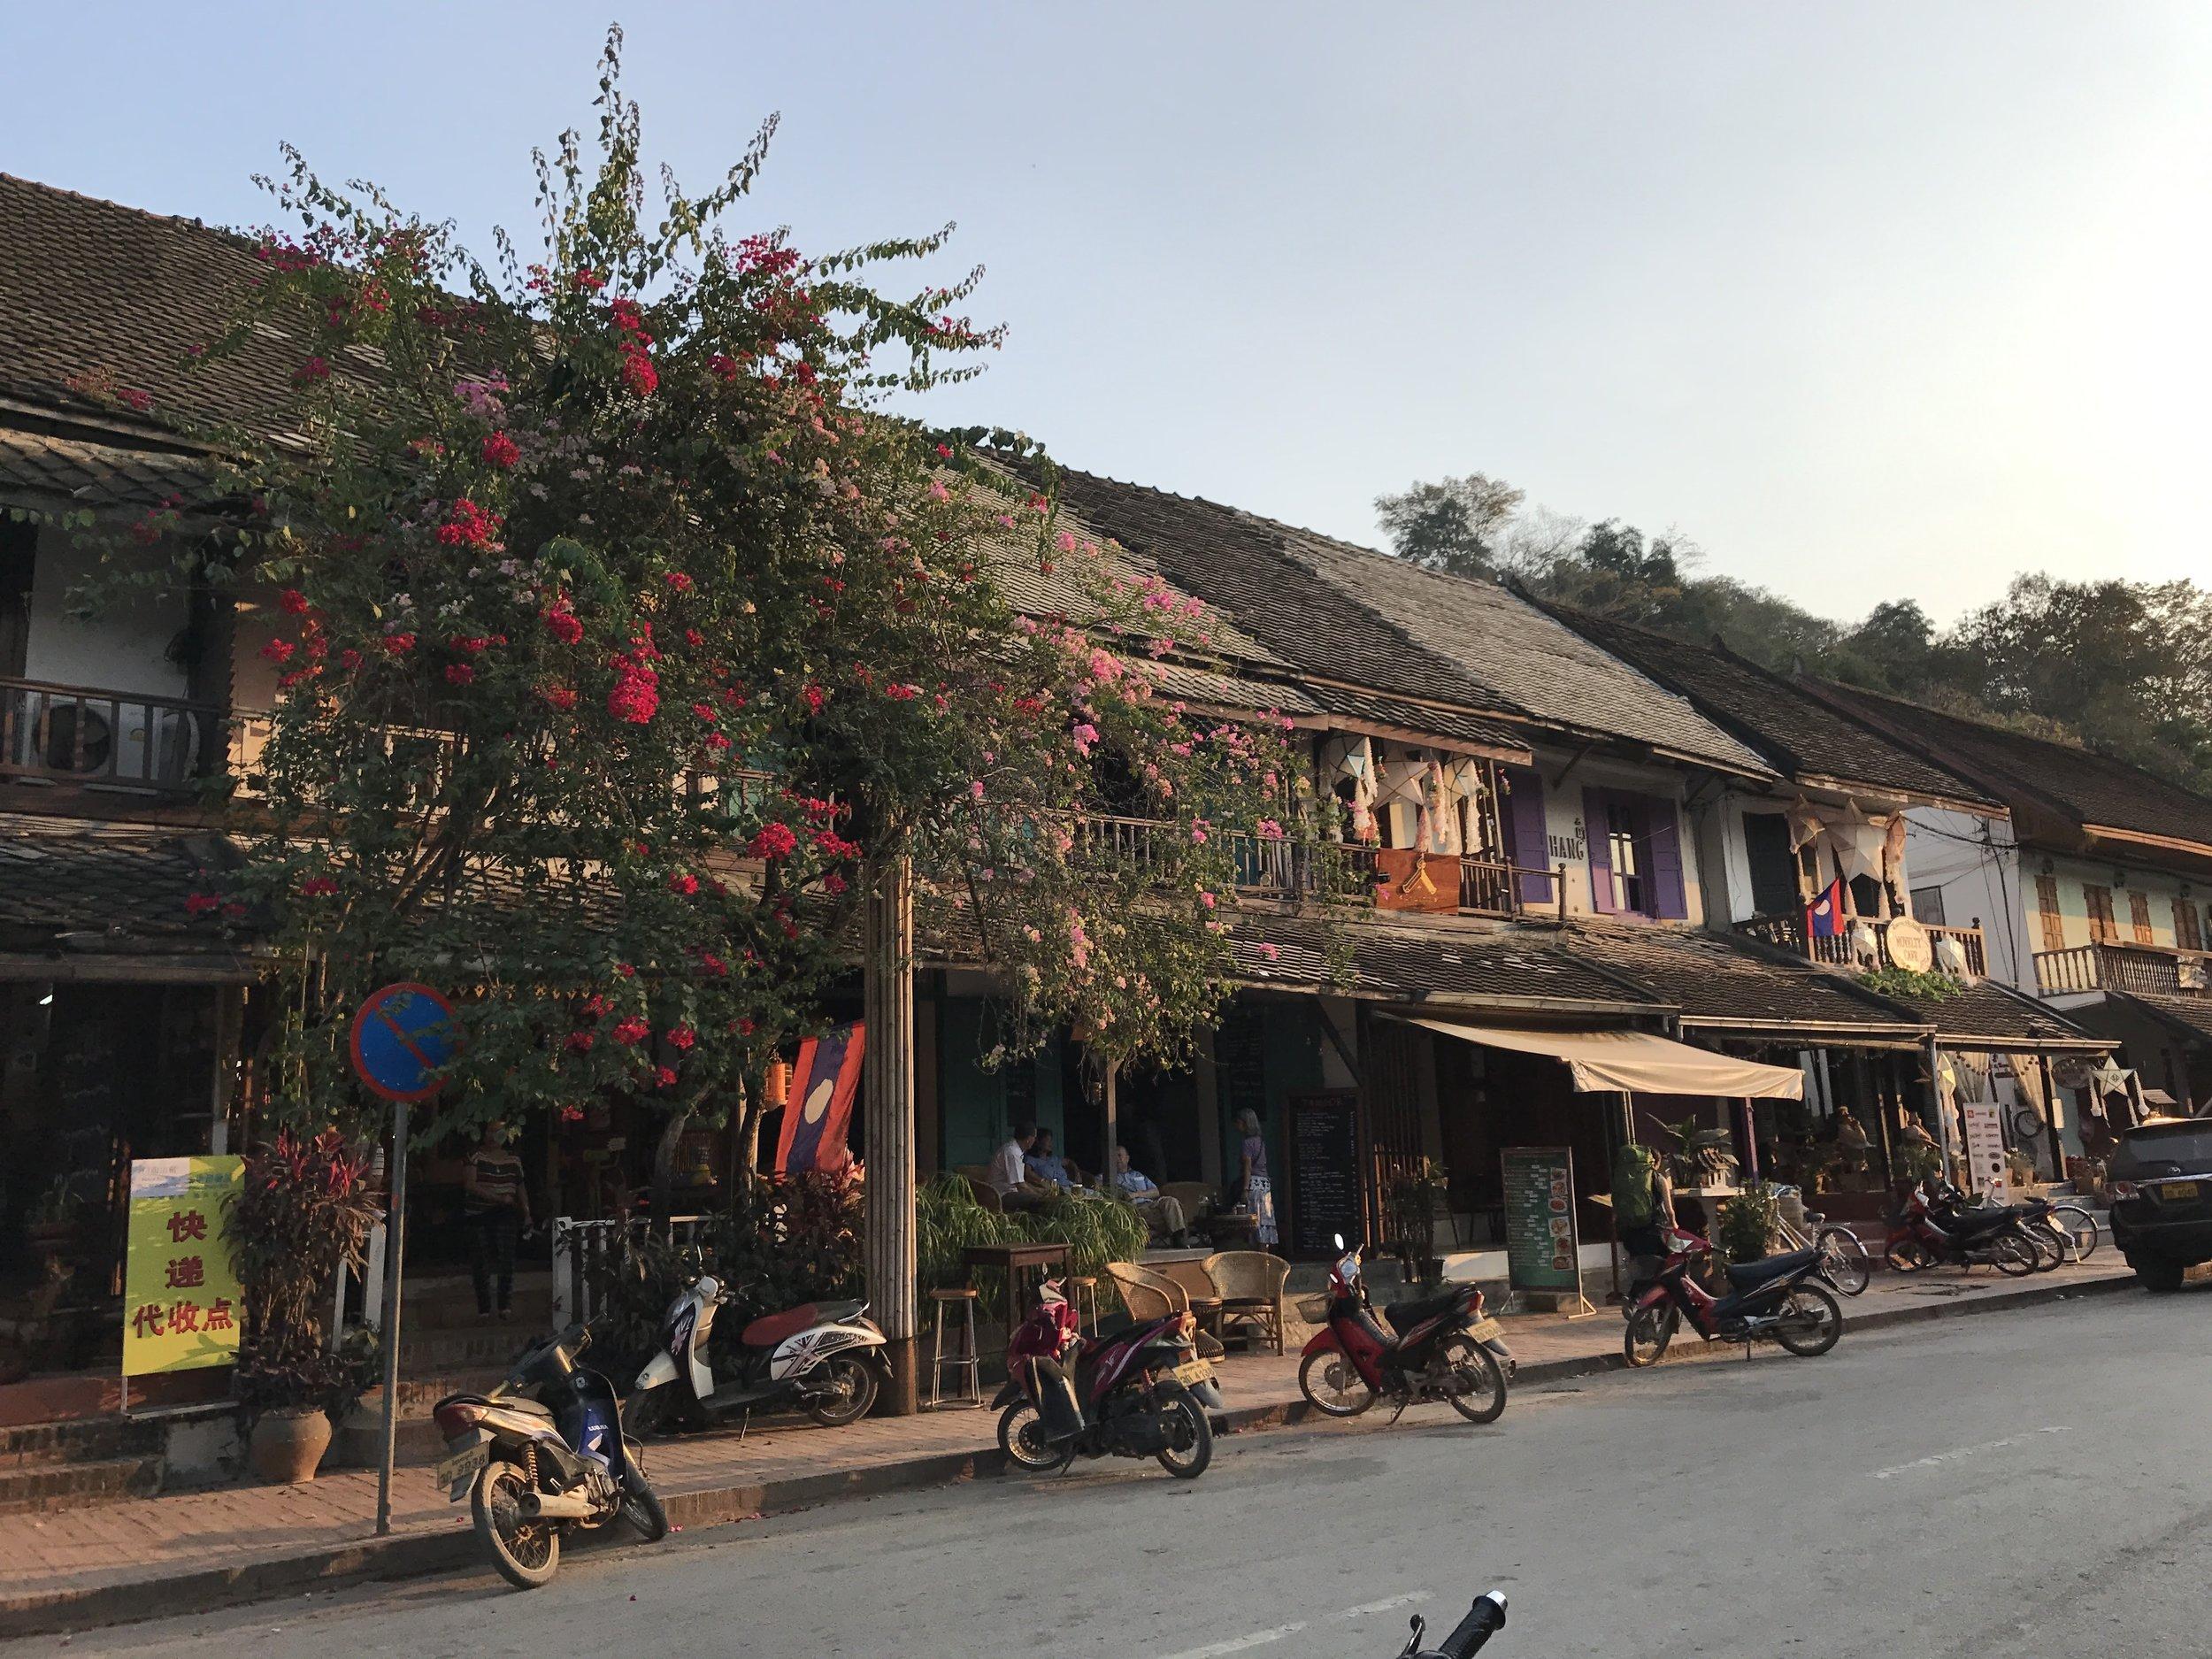 Image: Luang Prabang Storefront